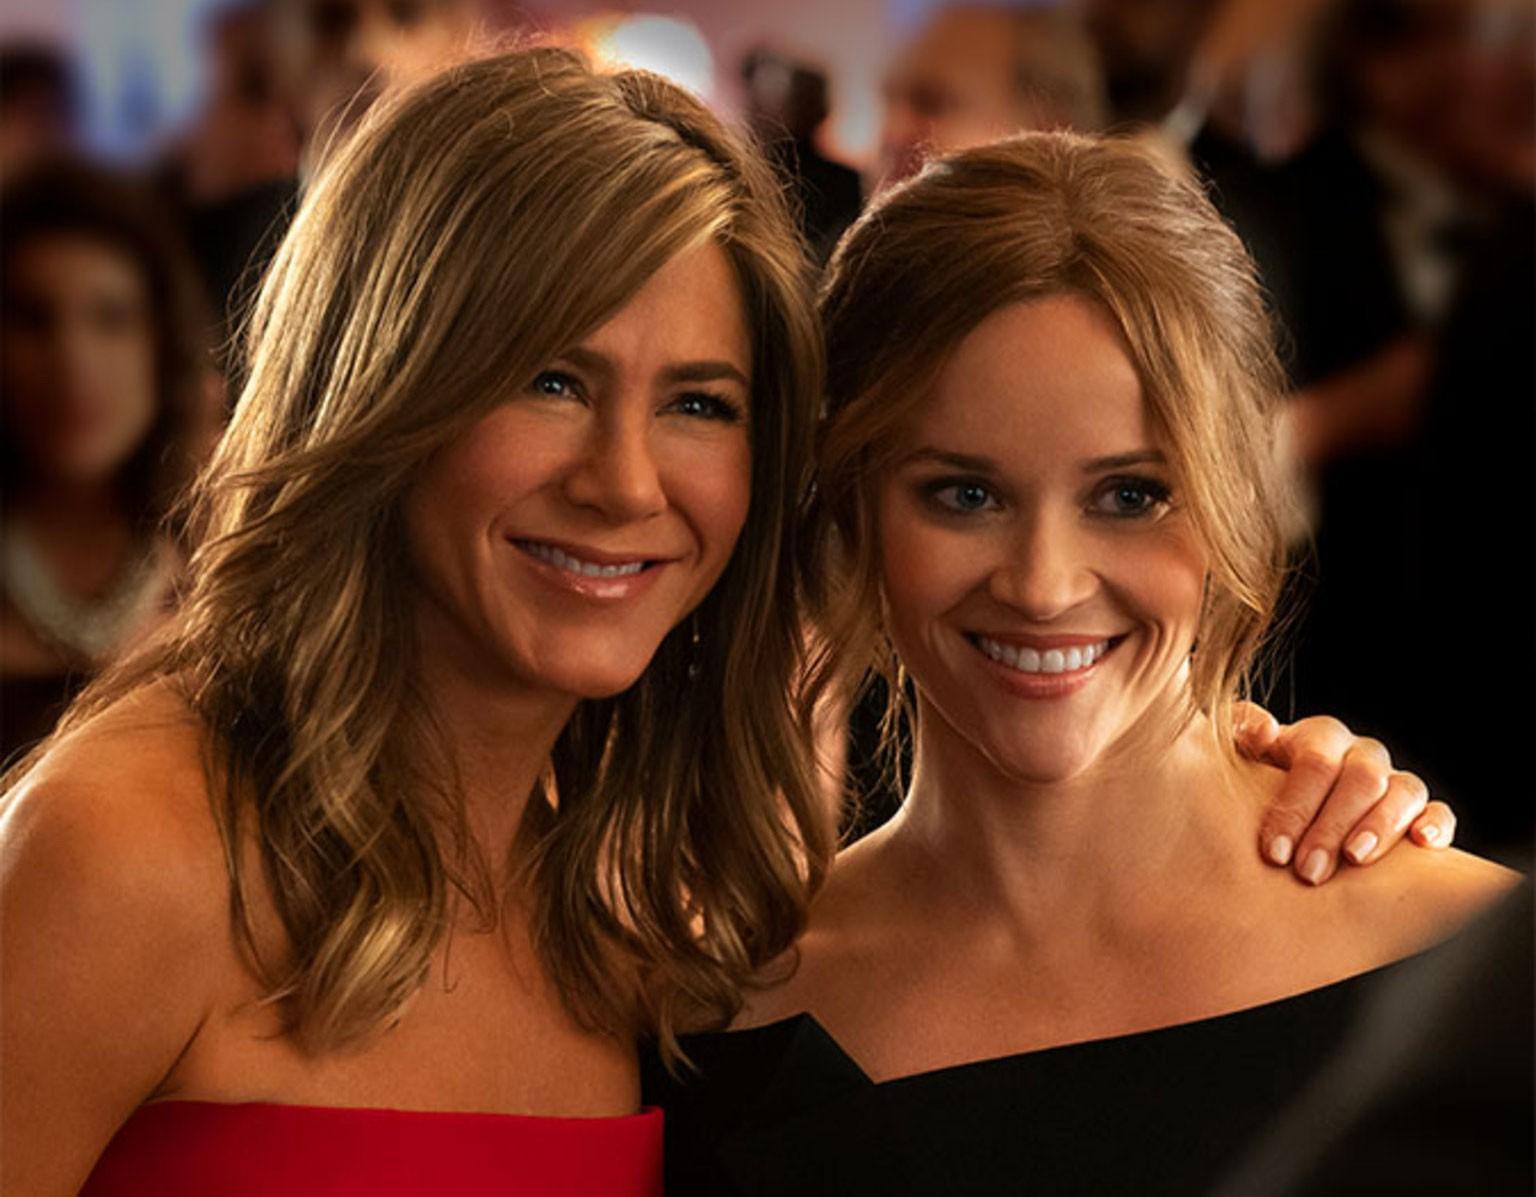 Jennifer Aniston explora mundo das notícias da TV na série 'The Morning Show'  - Notícias - Plantão Diário